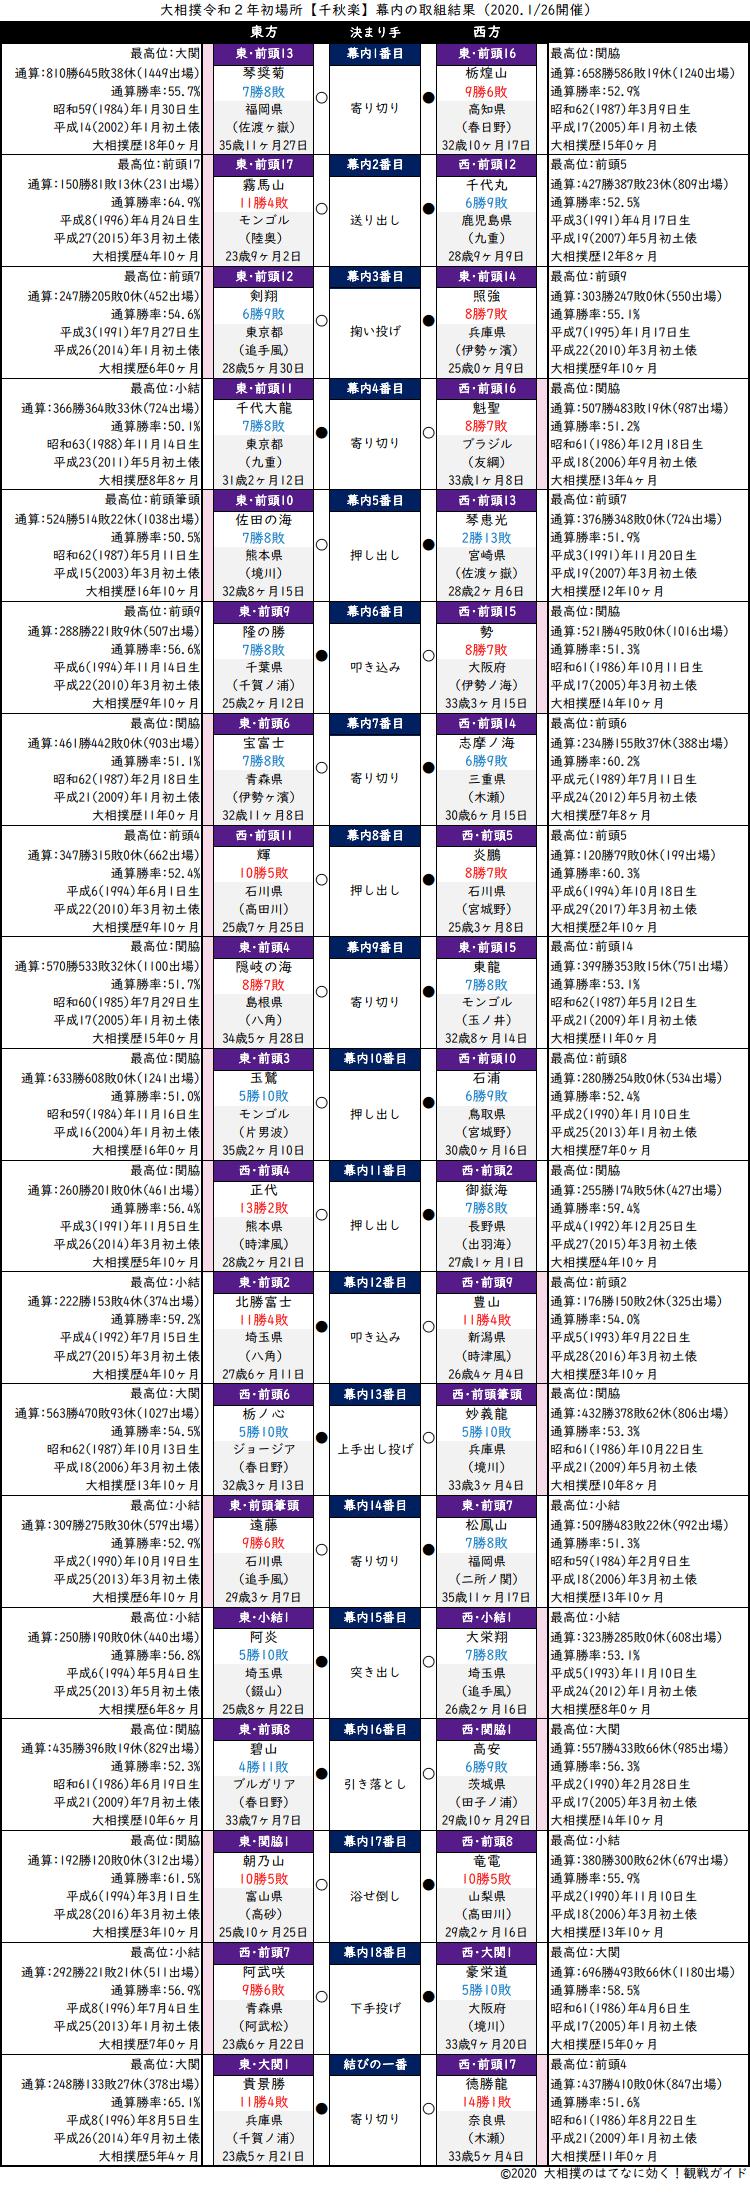 大相撲・2020年1月場所千秋楽・幕内の取組結果